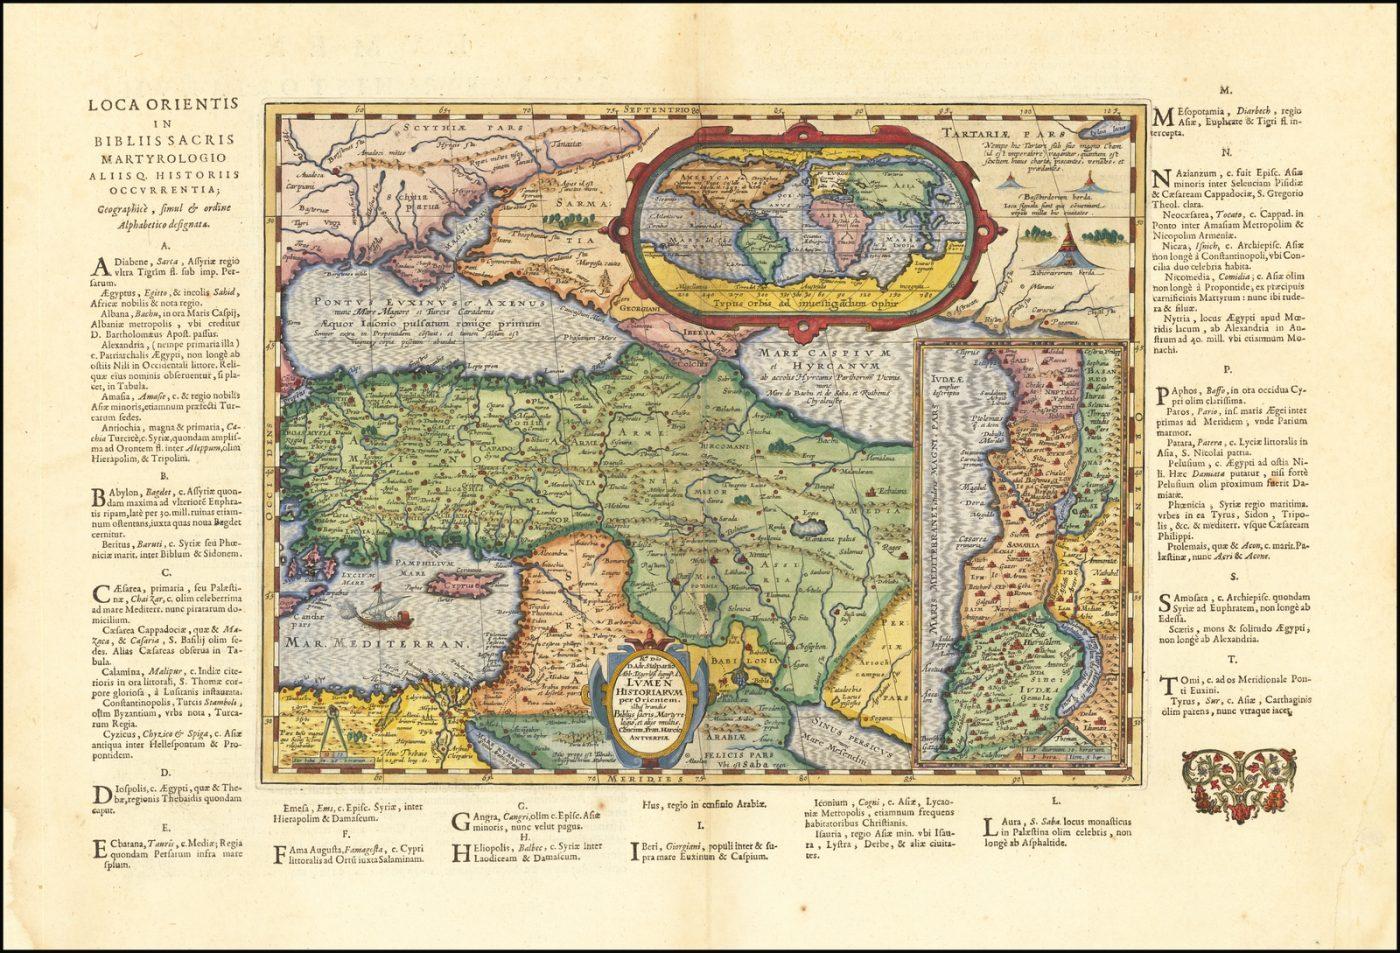 Историческая карта Древнего мира, основанная на Библии, опубликована в последнем Моретусском издании Парергона в 1624 году